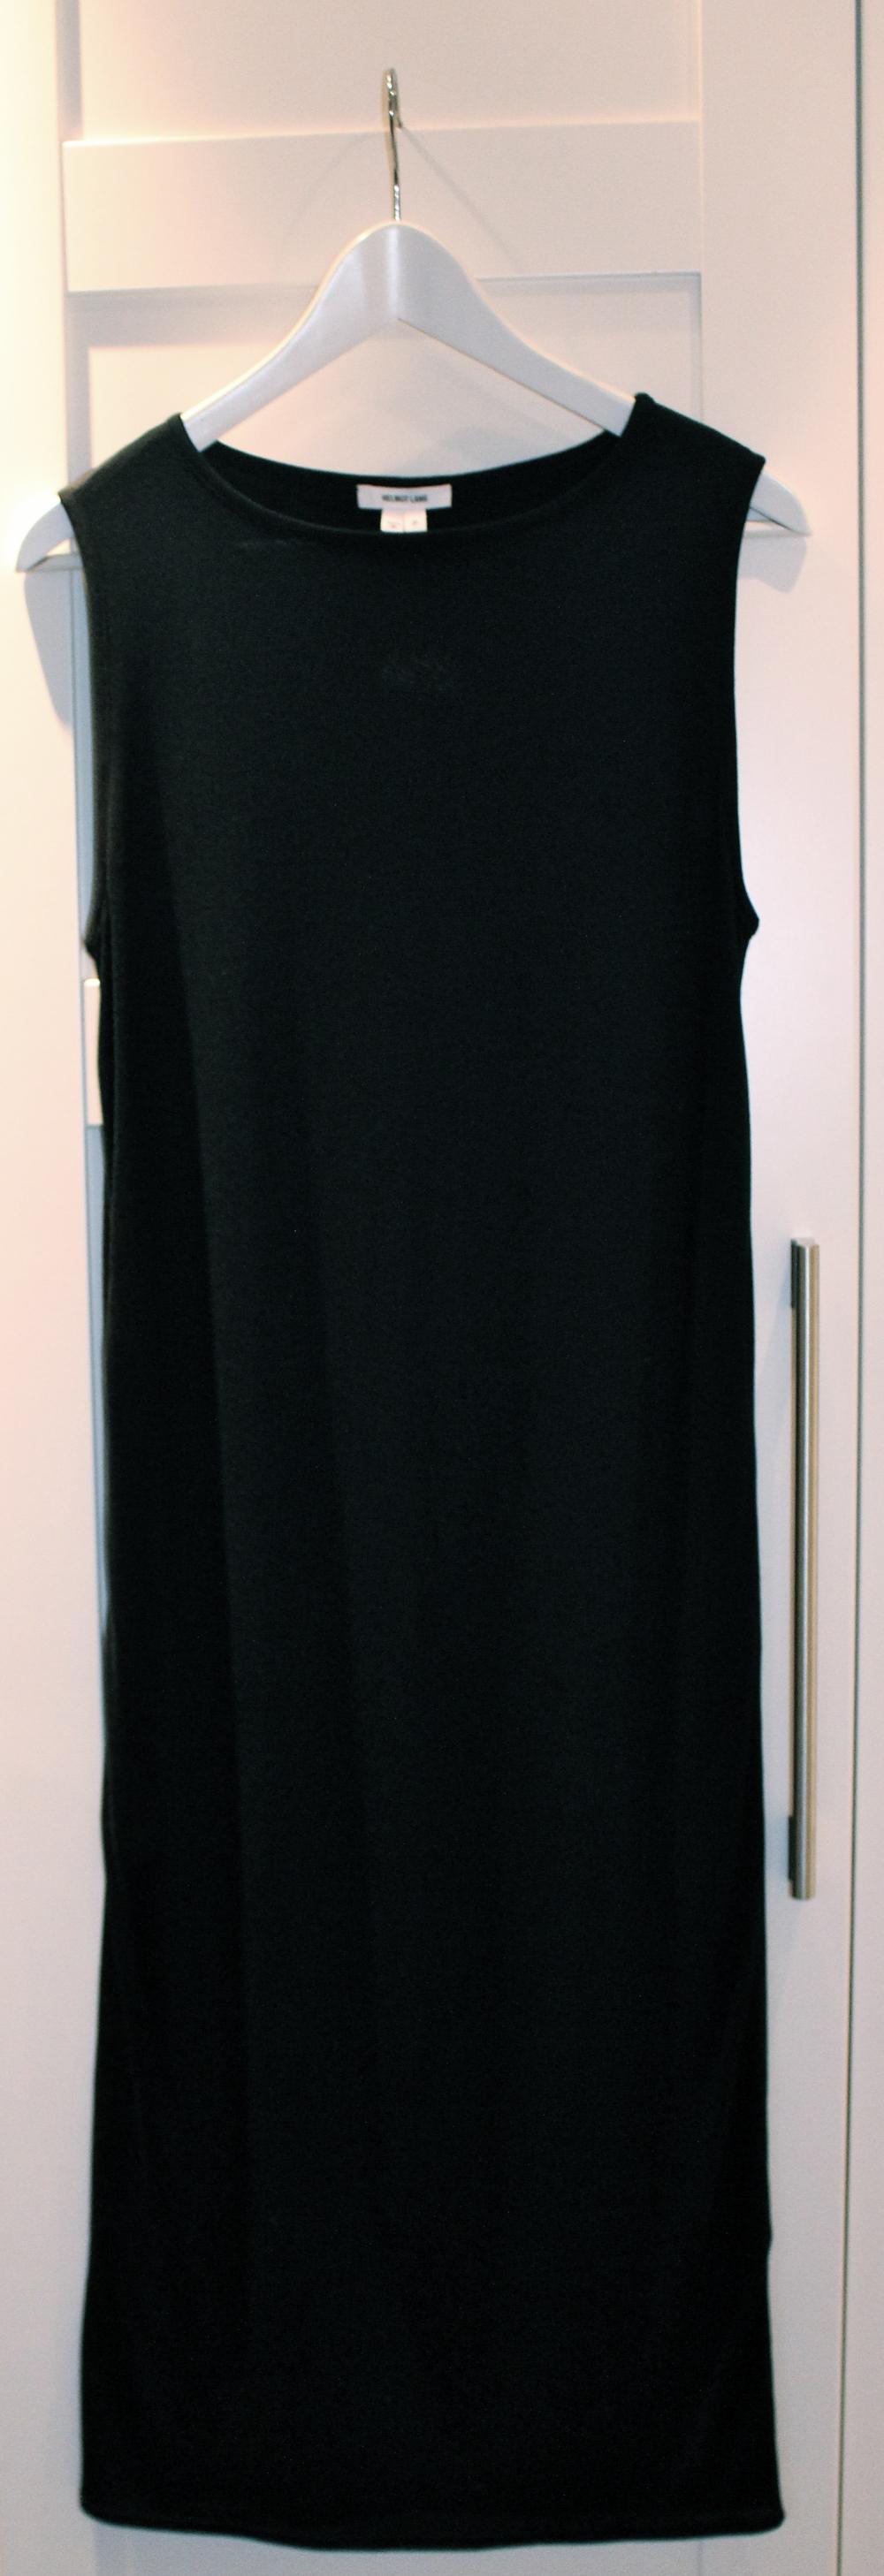 Sånn foregår det altså. Bla bla bla bla bla og så passer klærne. Veldig hyggelig å besøke Charlotte<3. Helmut kjolen PRE-Charlotte.